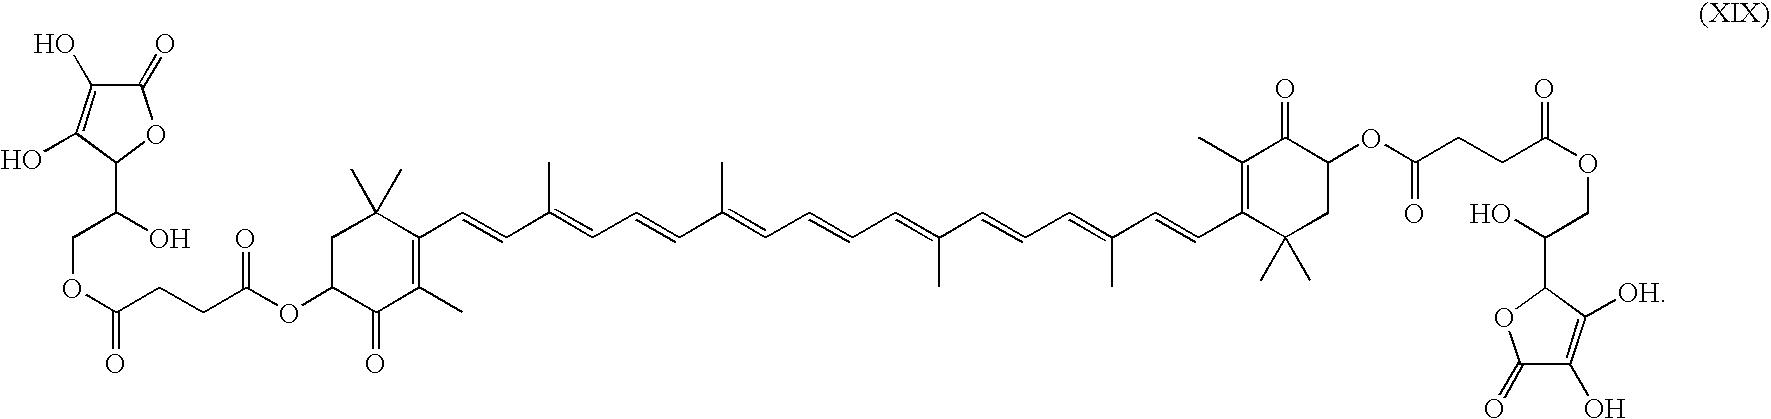 Figure US07145025-20061205-C00028